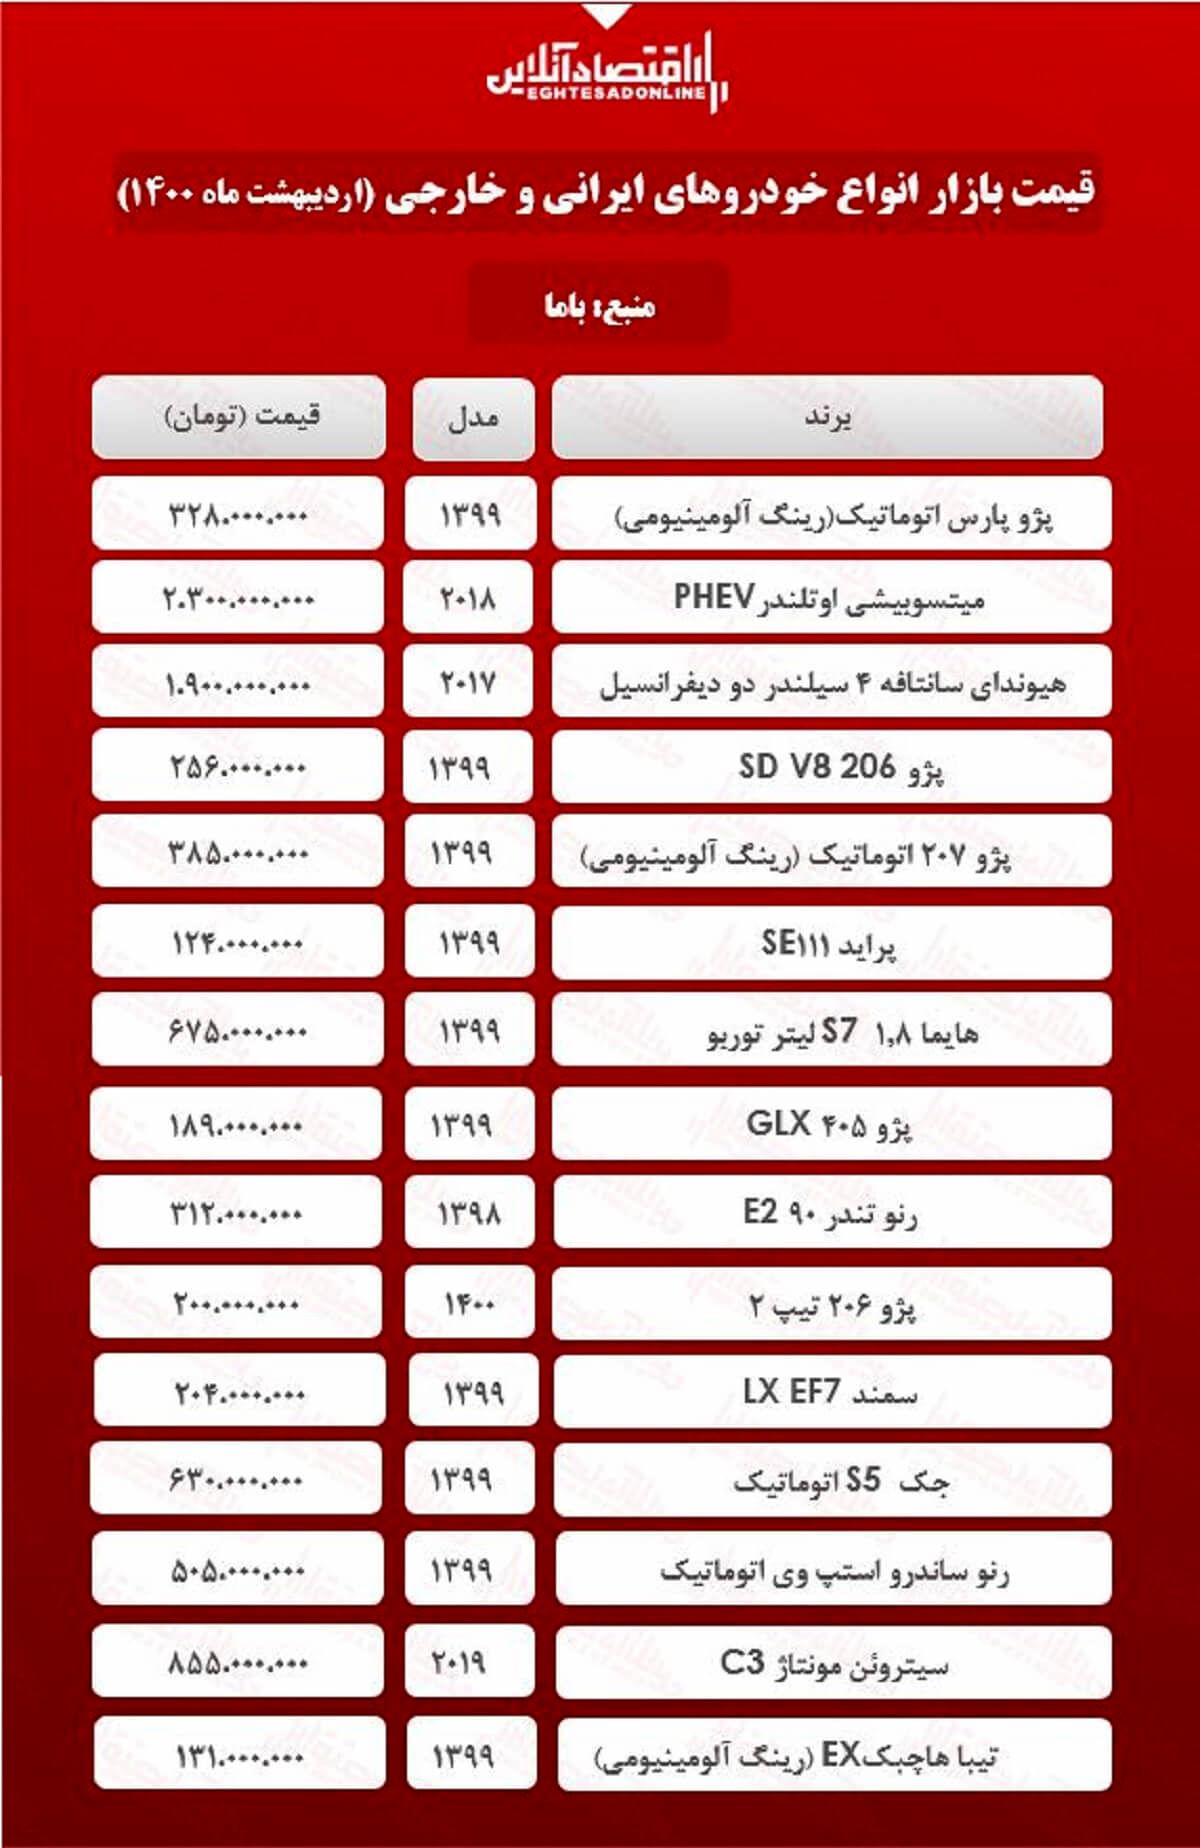 قیمت خودرو امروز ۱۴۰۰/۲/۱۴